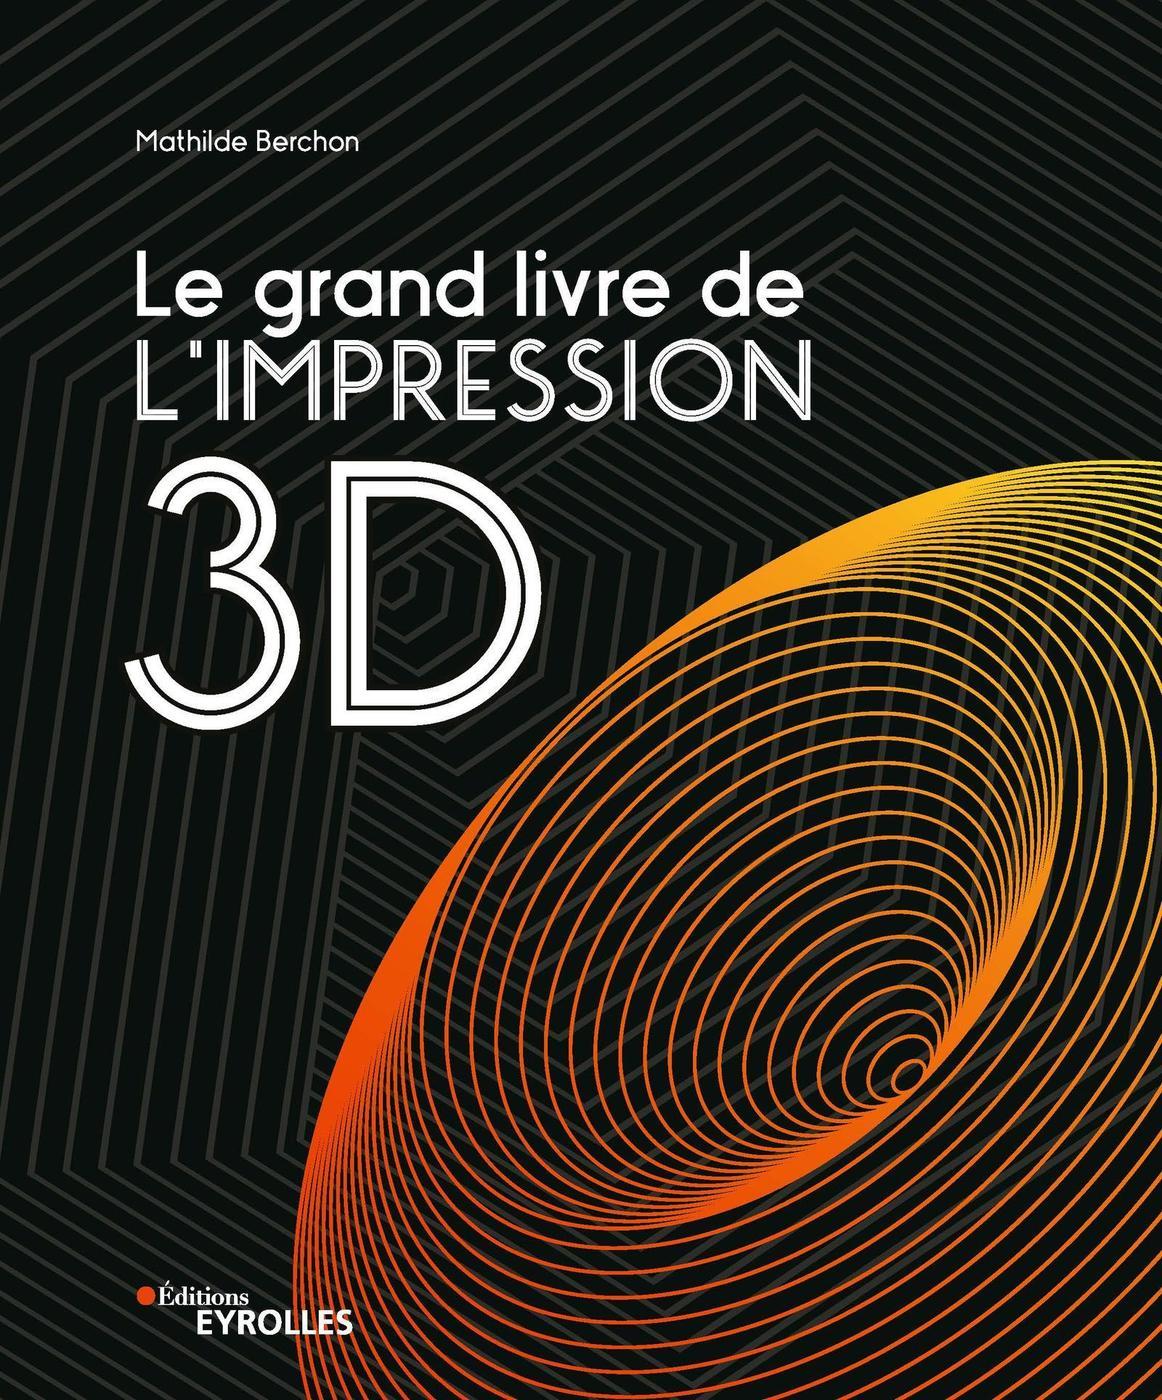 Le Grand Livre De L Impression 3d Mathilde Berchon Librairie Eyrolles